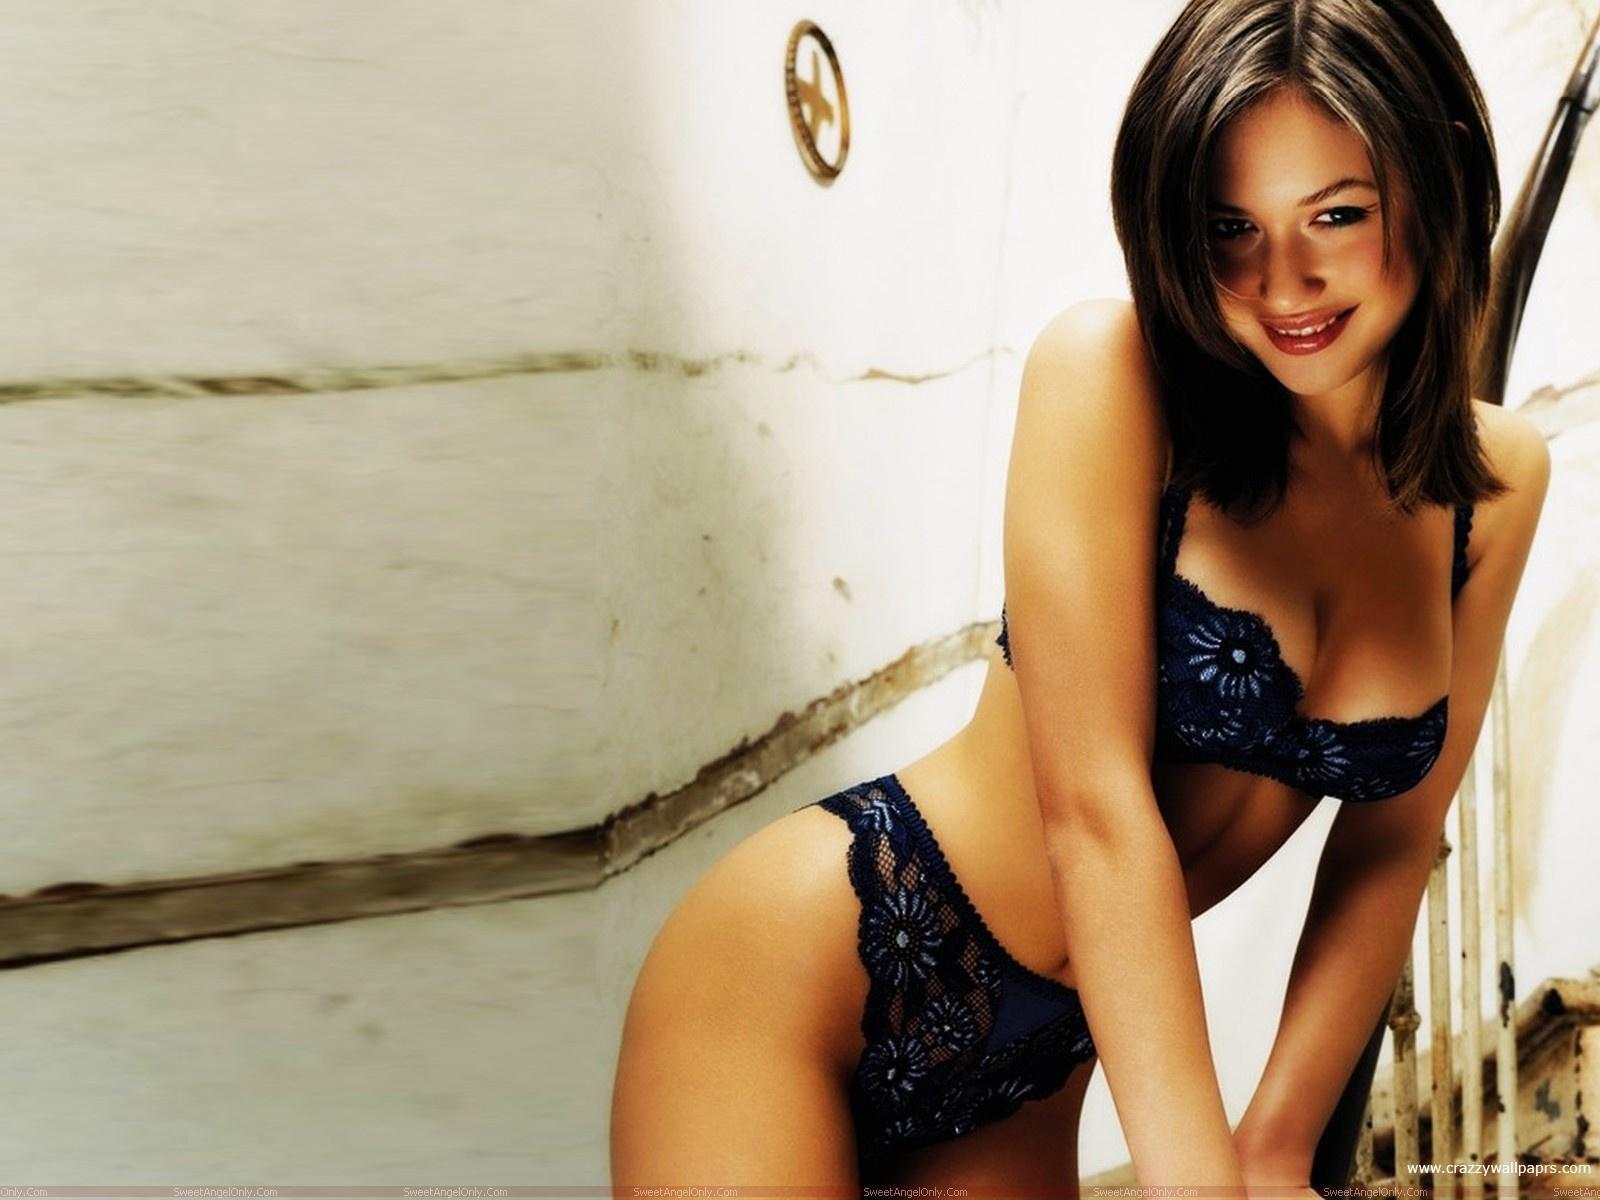 http://4.bp.blogspot.com/-QRgjYBZUHt8/TahX98dOZRI/AAAAAAAAFek/f3lYdachVg8/s1600/olga_kurylenko_wallpaper_in_lingerie.jpg